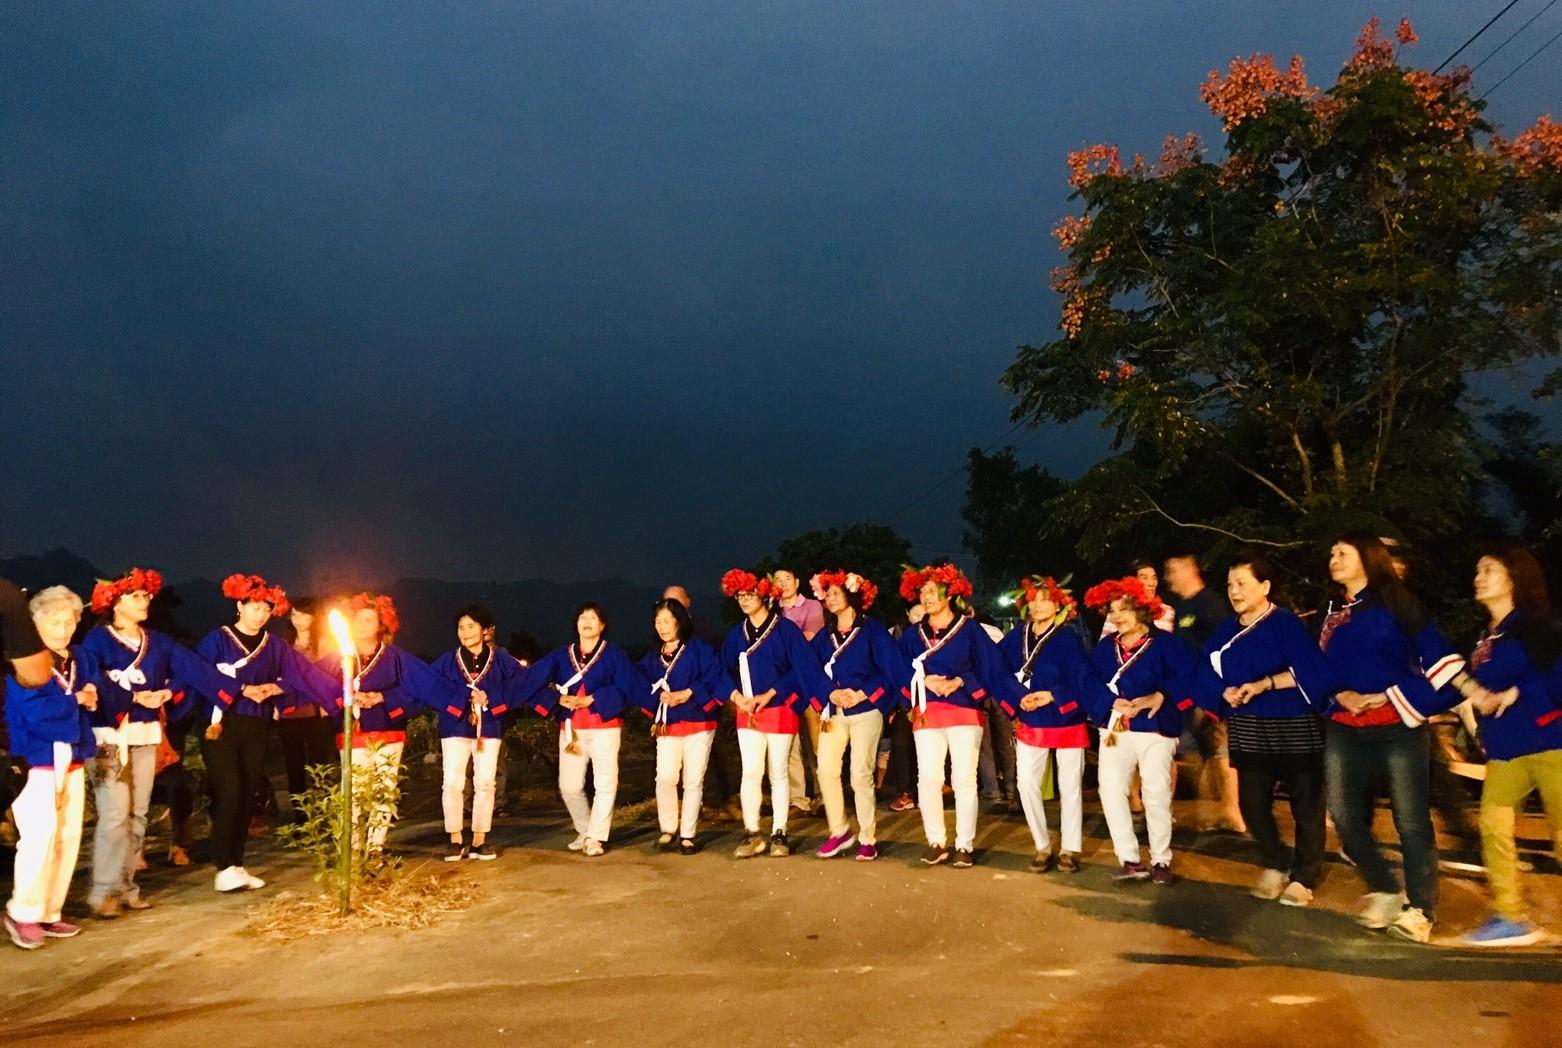 107年平埔夜祭活動照片-關山